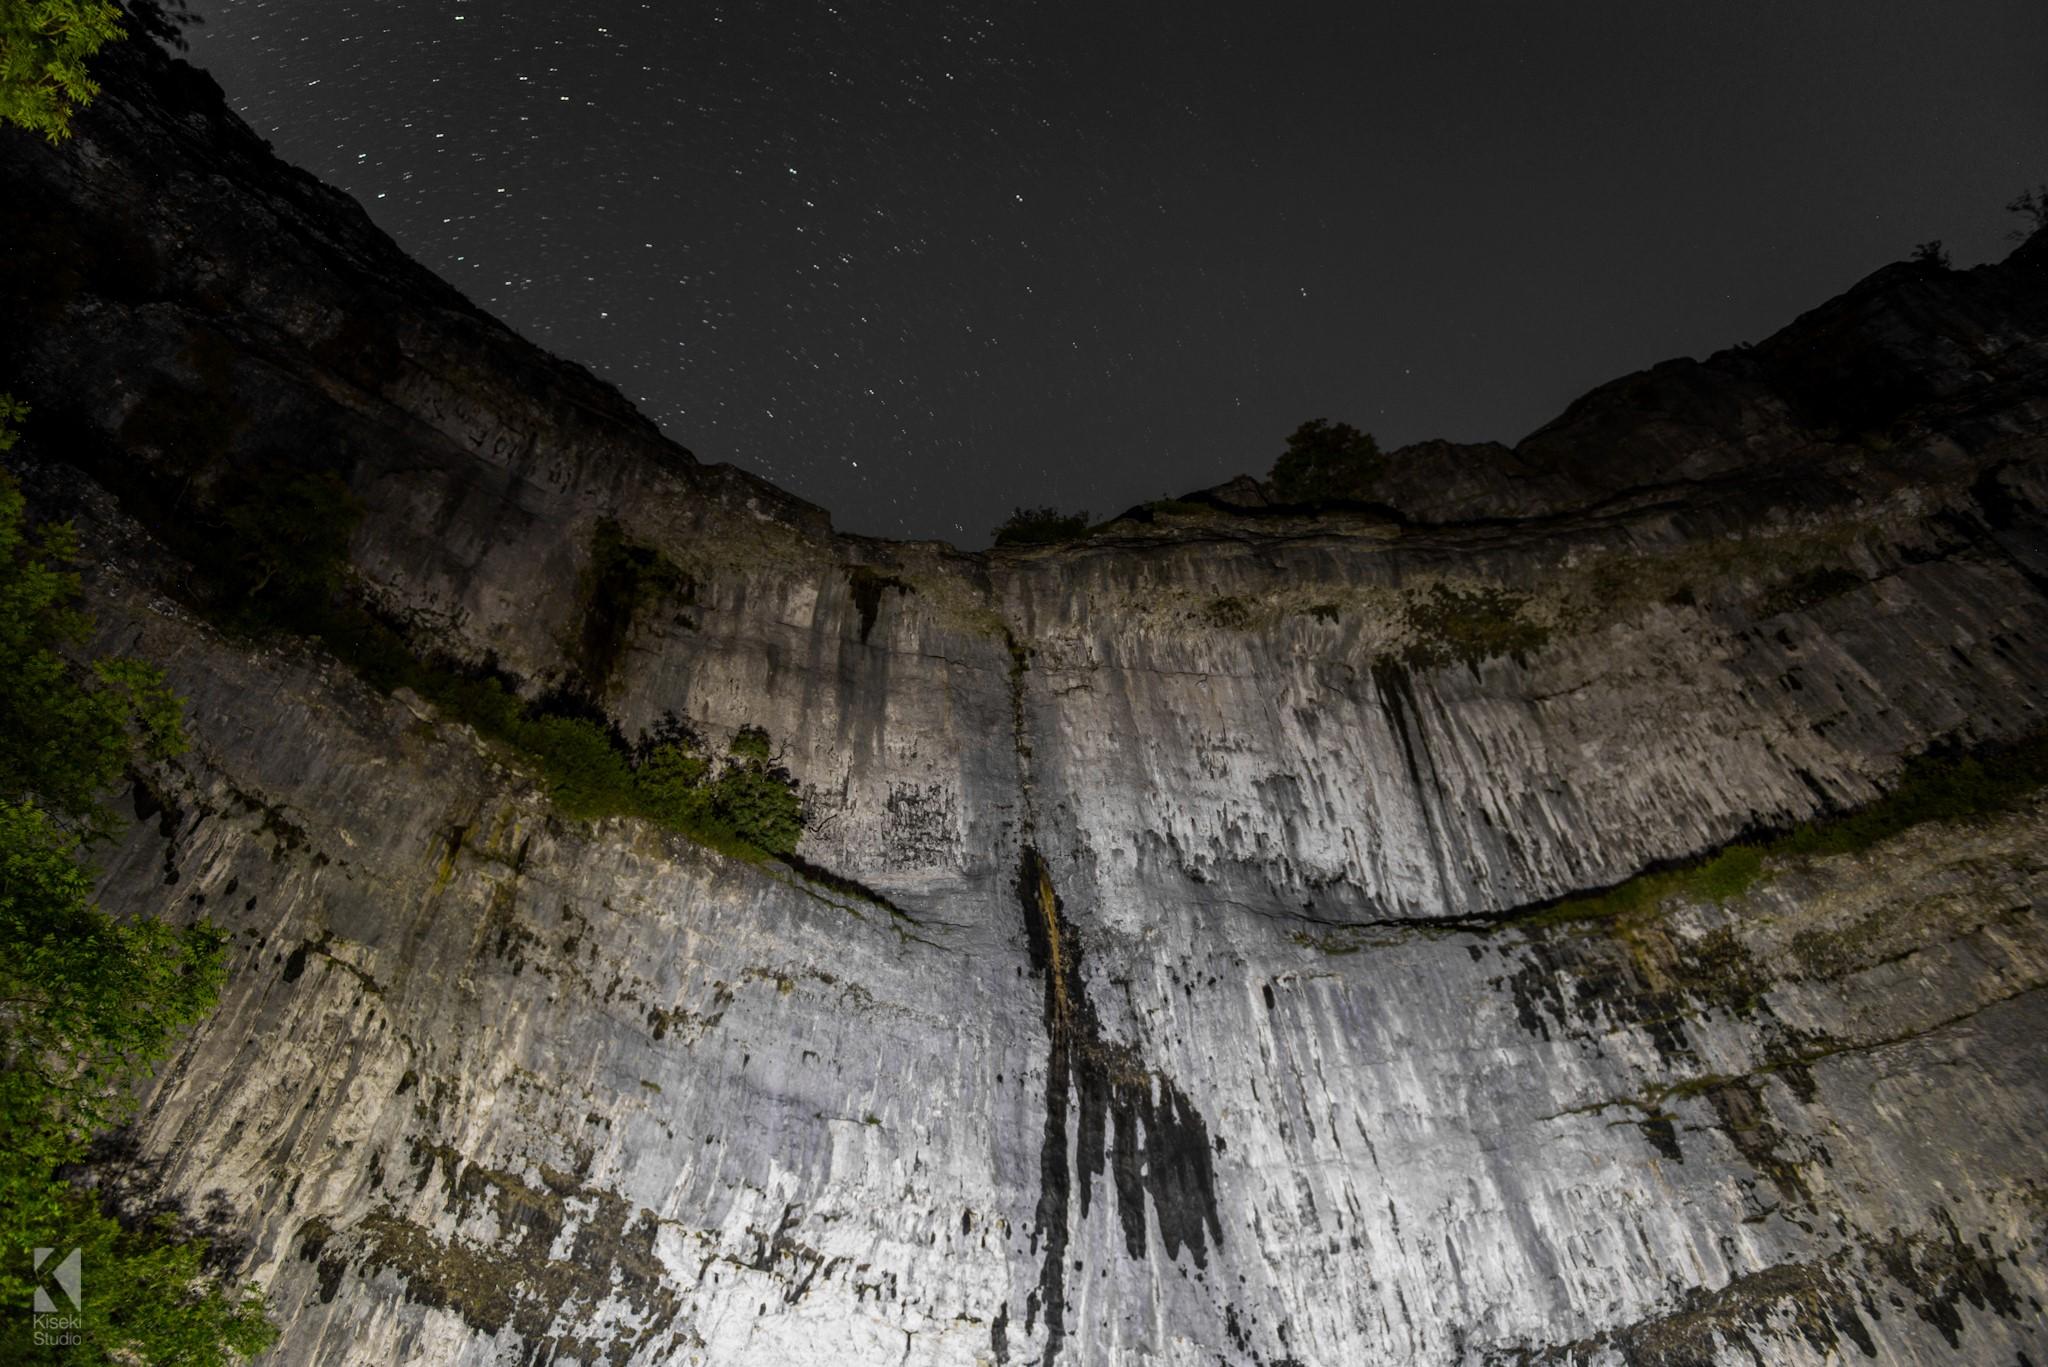 Malham Cove at night with stars